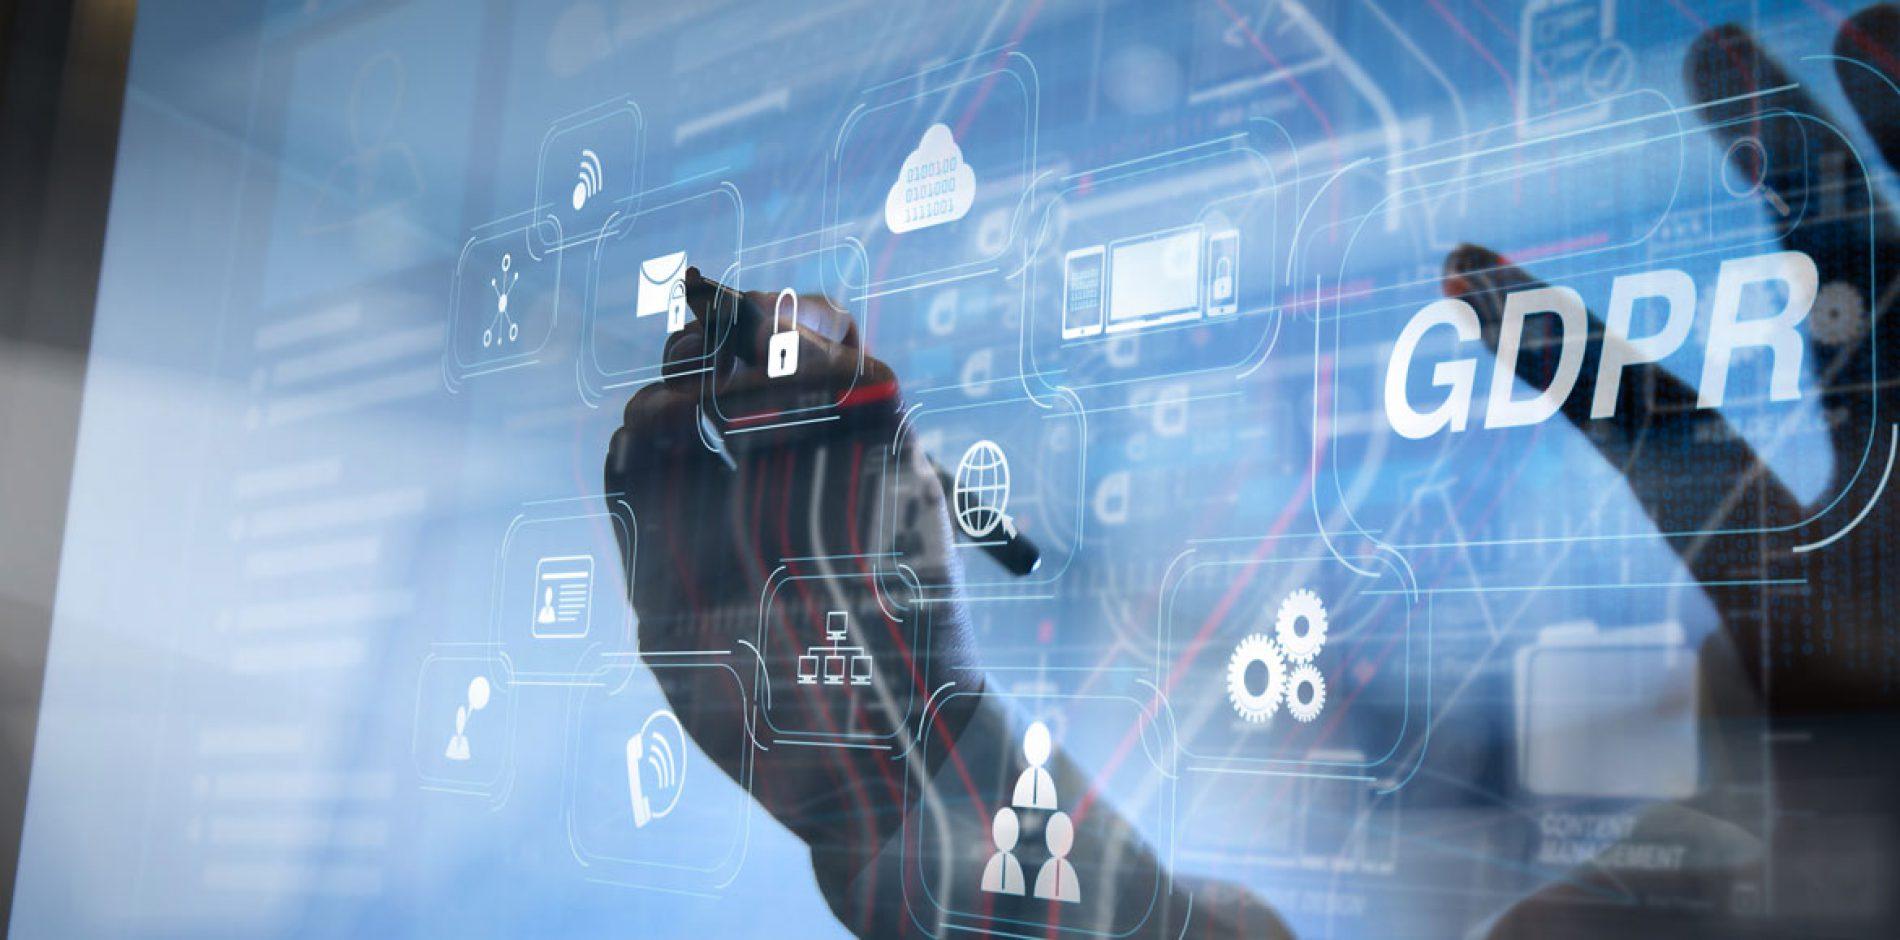 Garante privacy: Gdpr e autorizzazioni generali – individuate le prescrizioni ancora valide